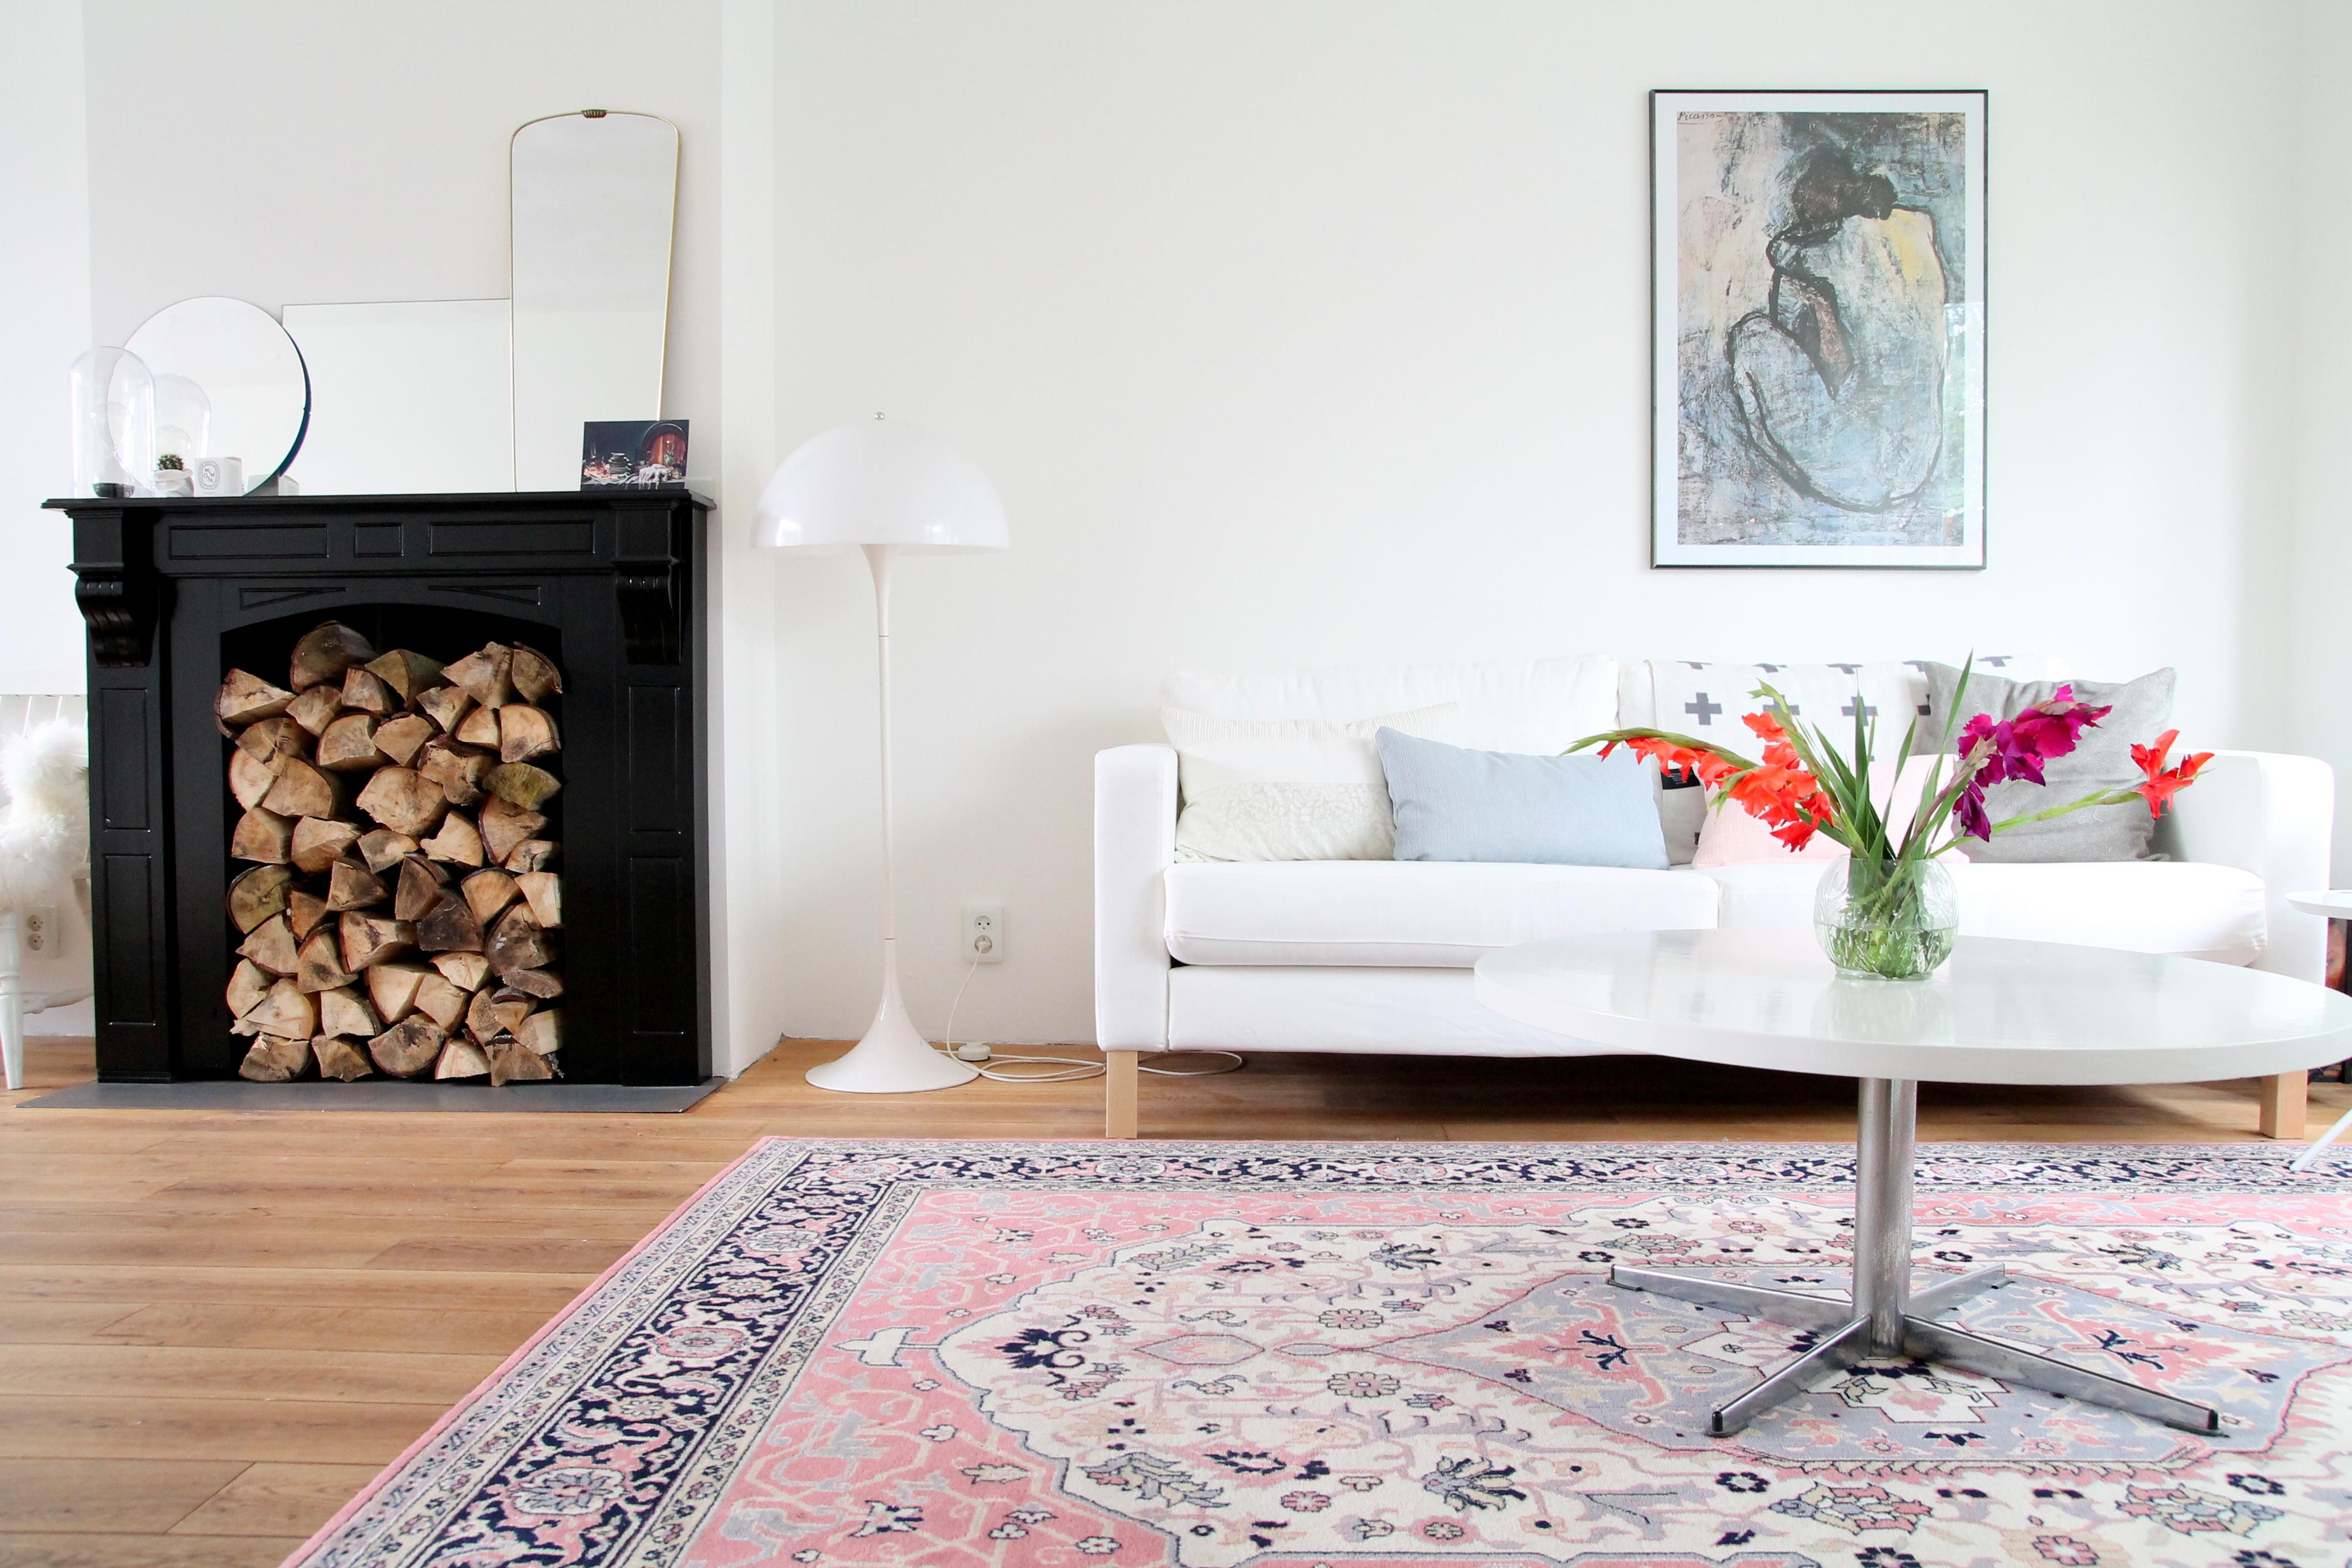 Eettafel Bank Ikea.New Couch Ikea Karlstad Donebymyself